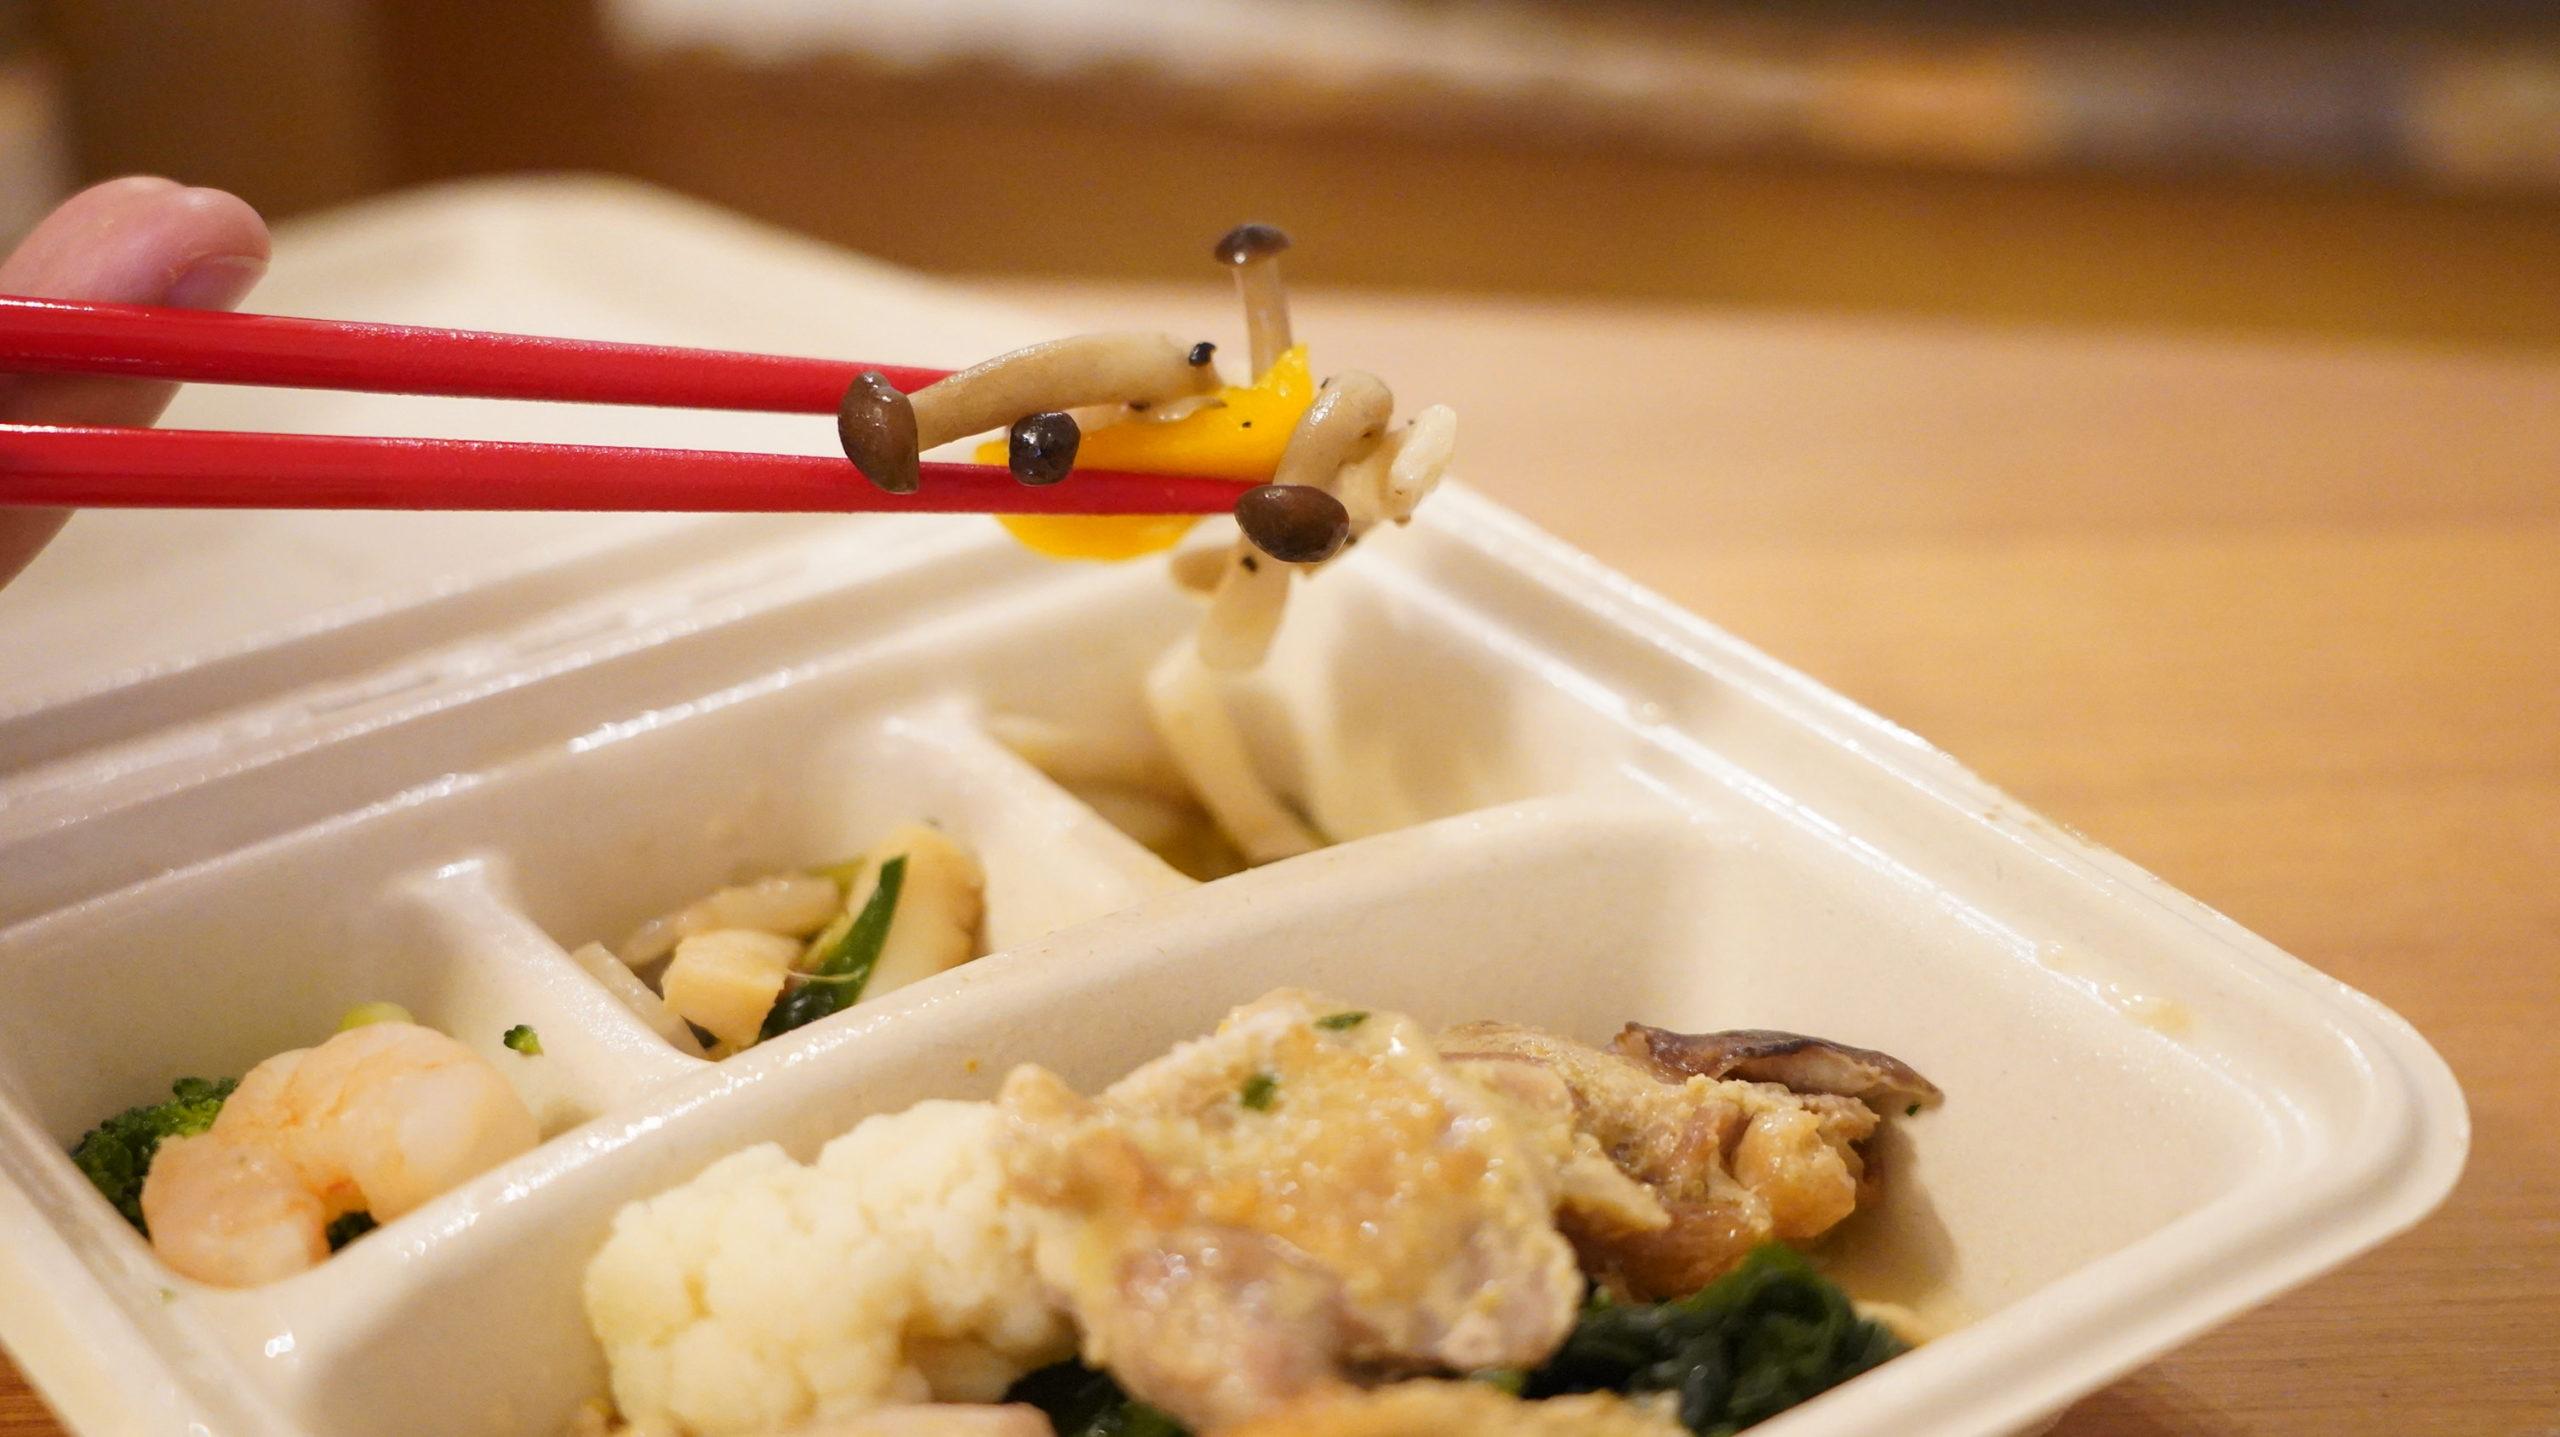 nosh(ナッシュ)の冷凍宅配弁当「焼き鳥の柚子胡椒」のパプリカとぶなしめじの写真